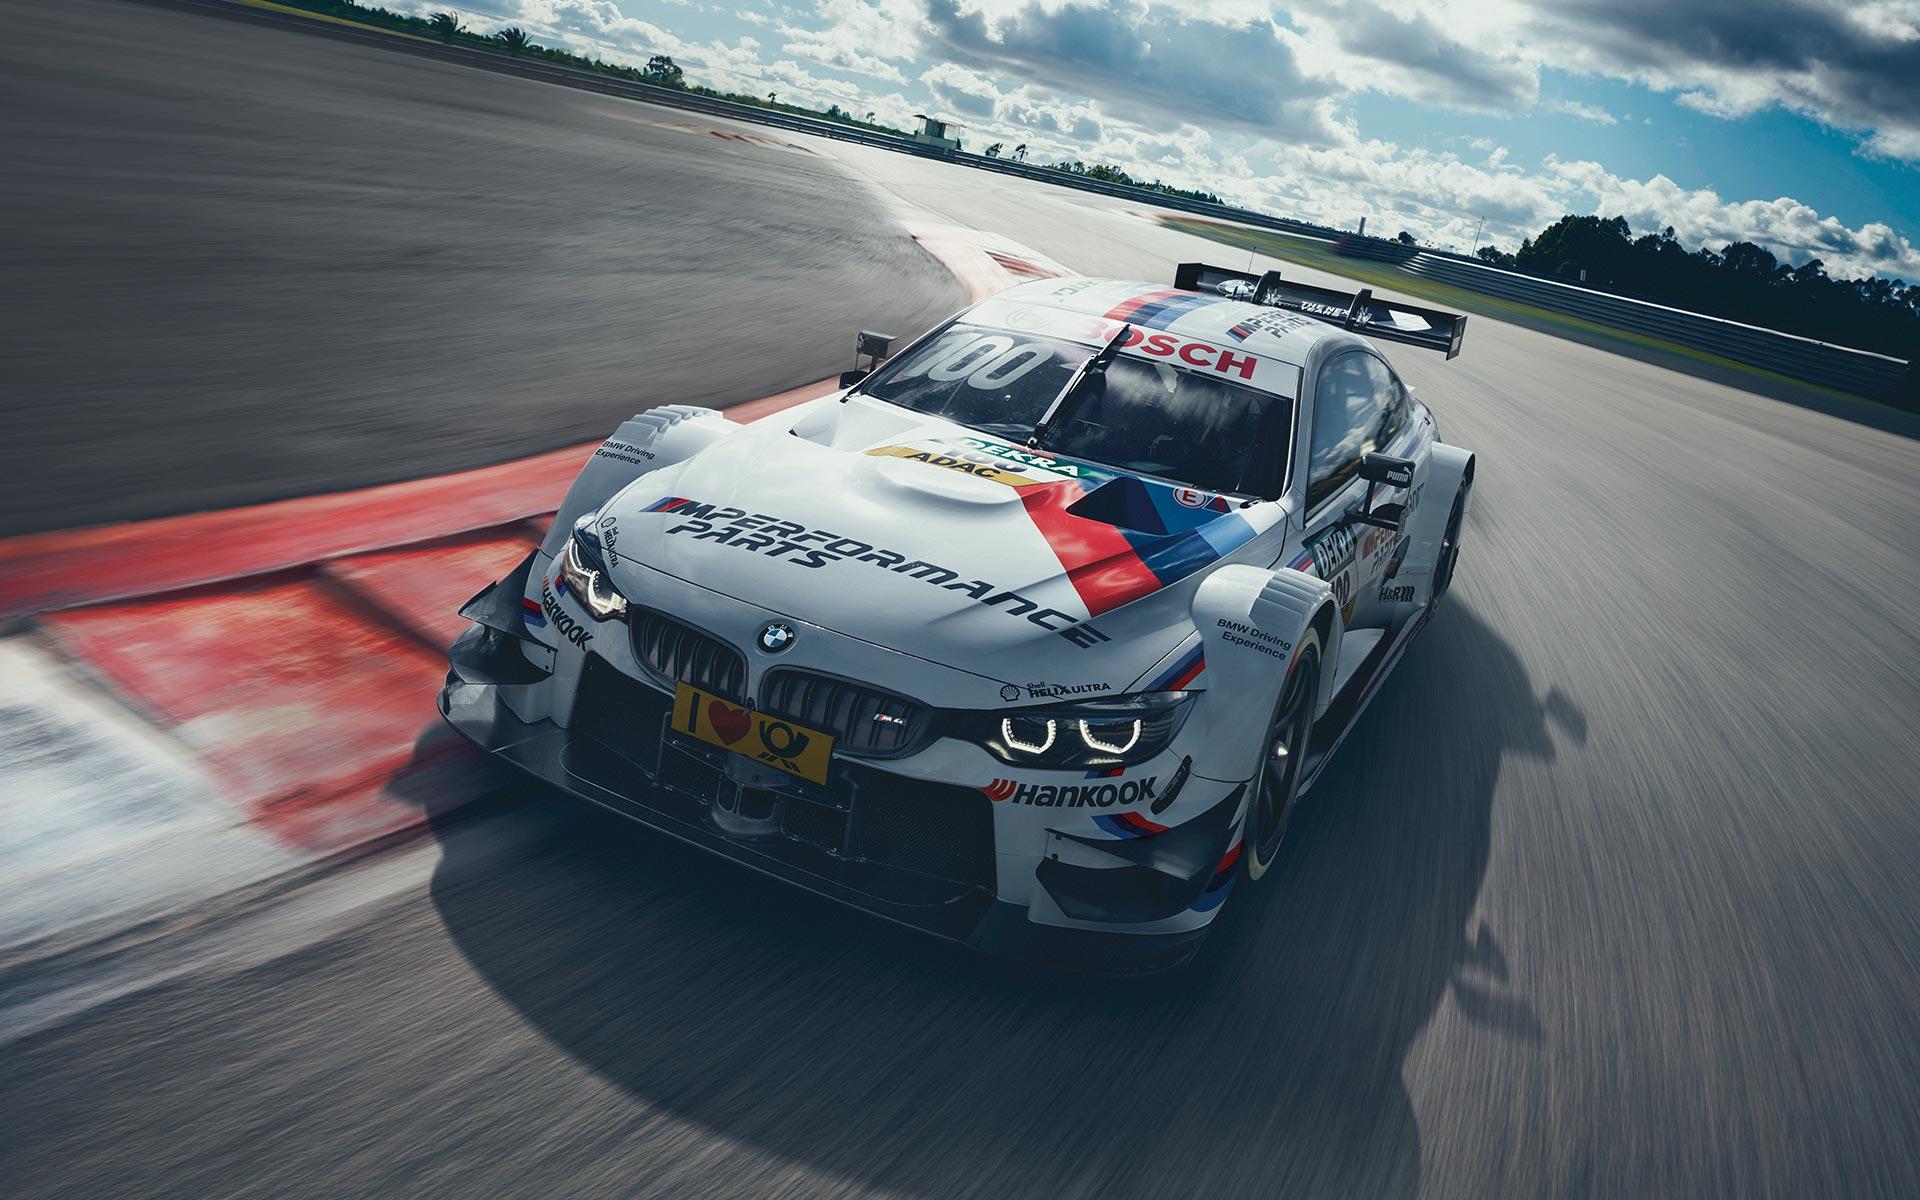 #100 Martin Tomczyk BMW M Performance BMW M4 DTM